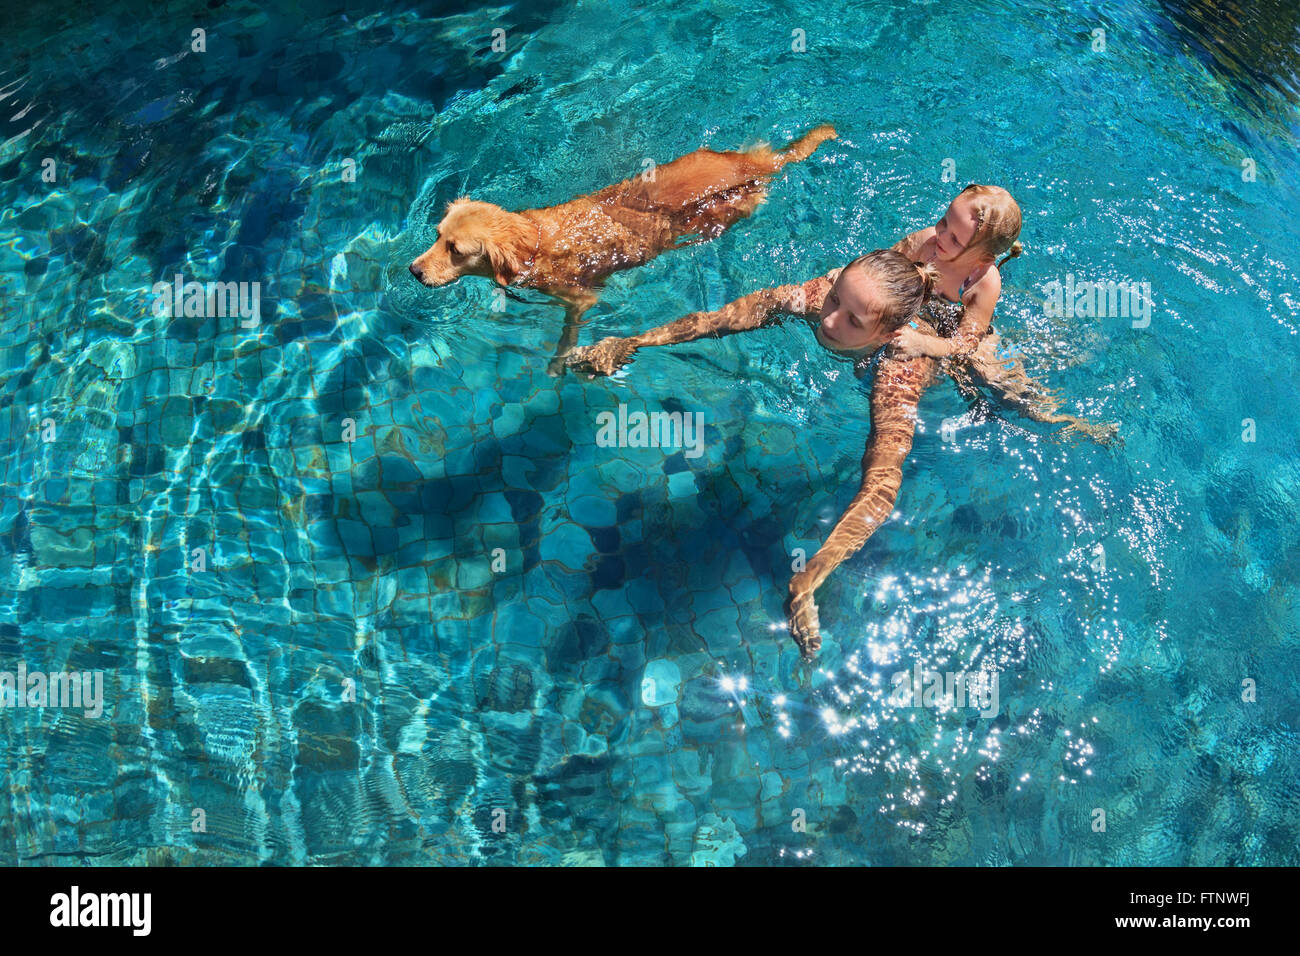 Mutter mit Kind auf Rücken spielen mit Spaß und Zug golden Labrador Retriever Welpen im Schwimmbad. Stockfoto